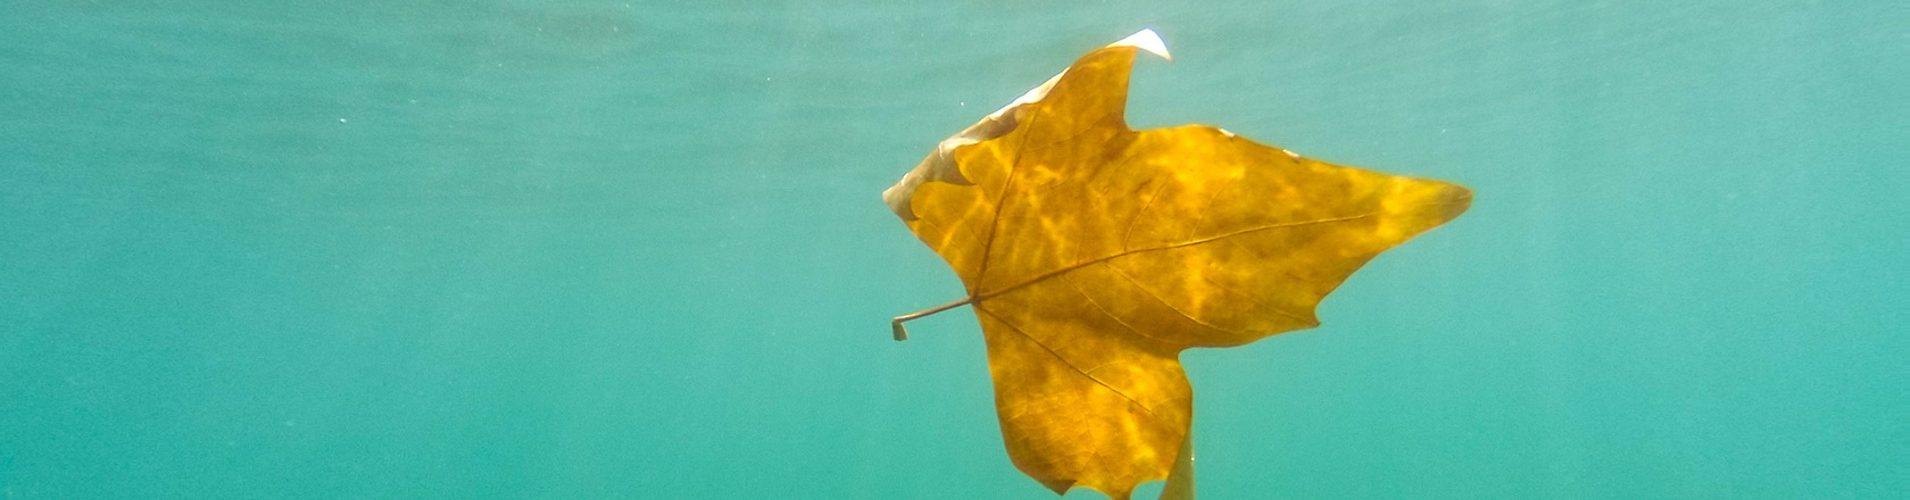 żółty liść w wodzie